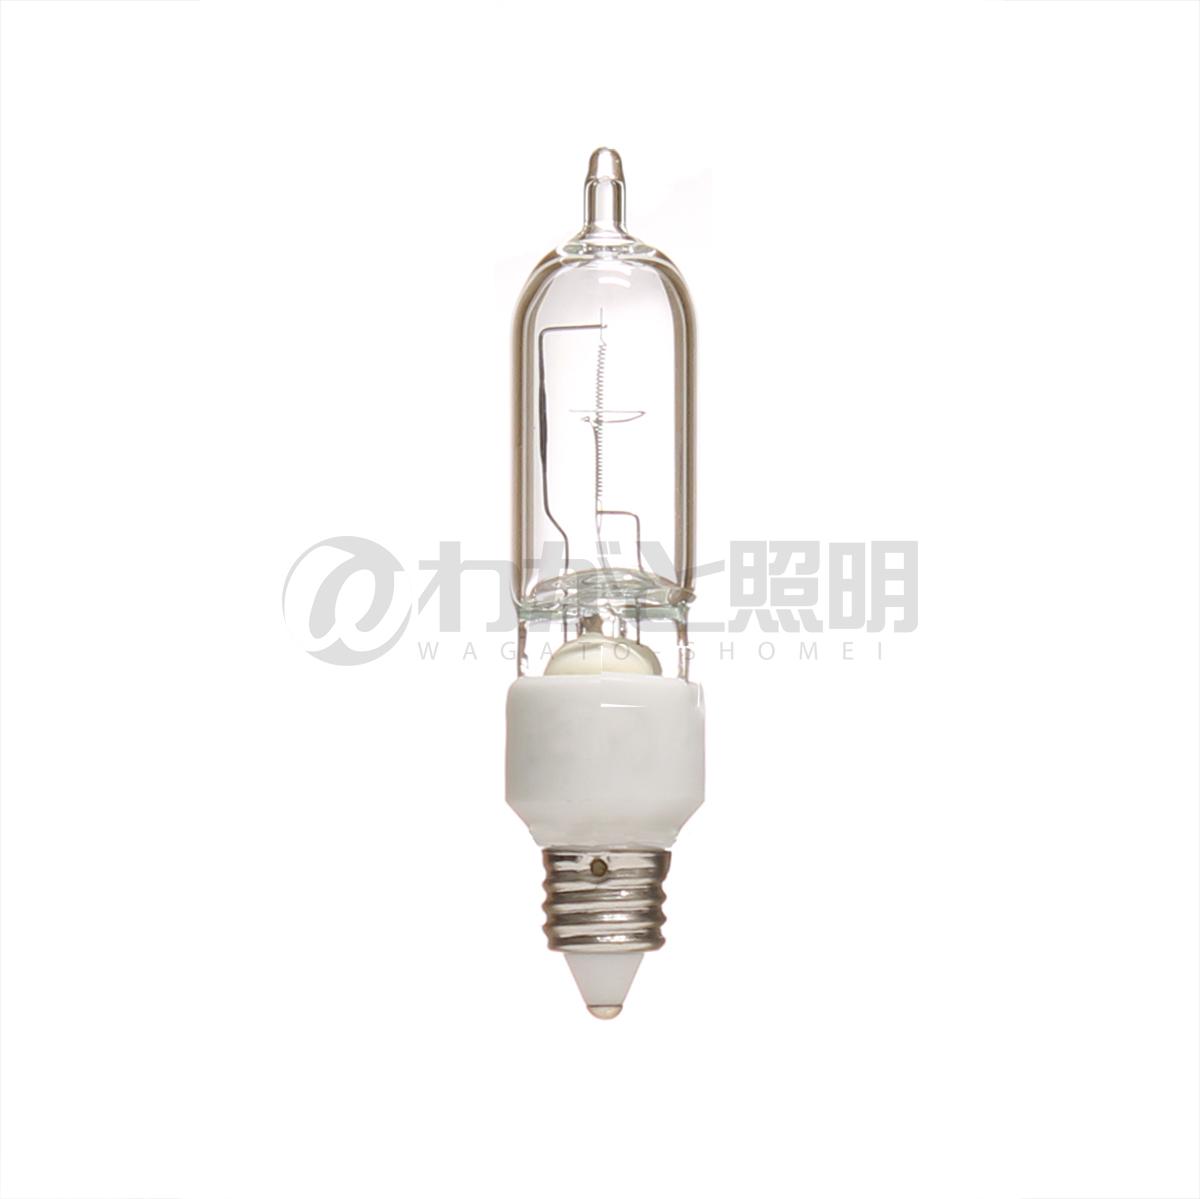 ◎川上ランプ キセノンT型電球 約10%節電タイプ E11口金 75W形 1080lm 【10個入り】 X100/110V68WE11/L